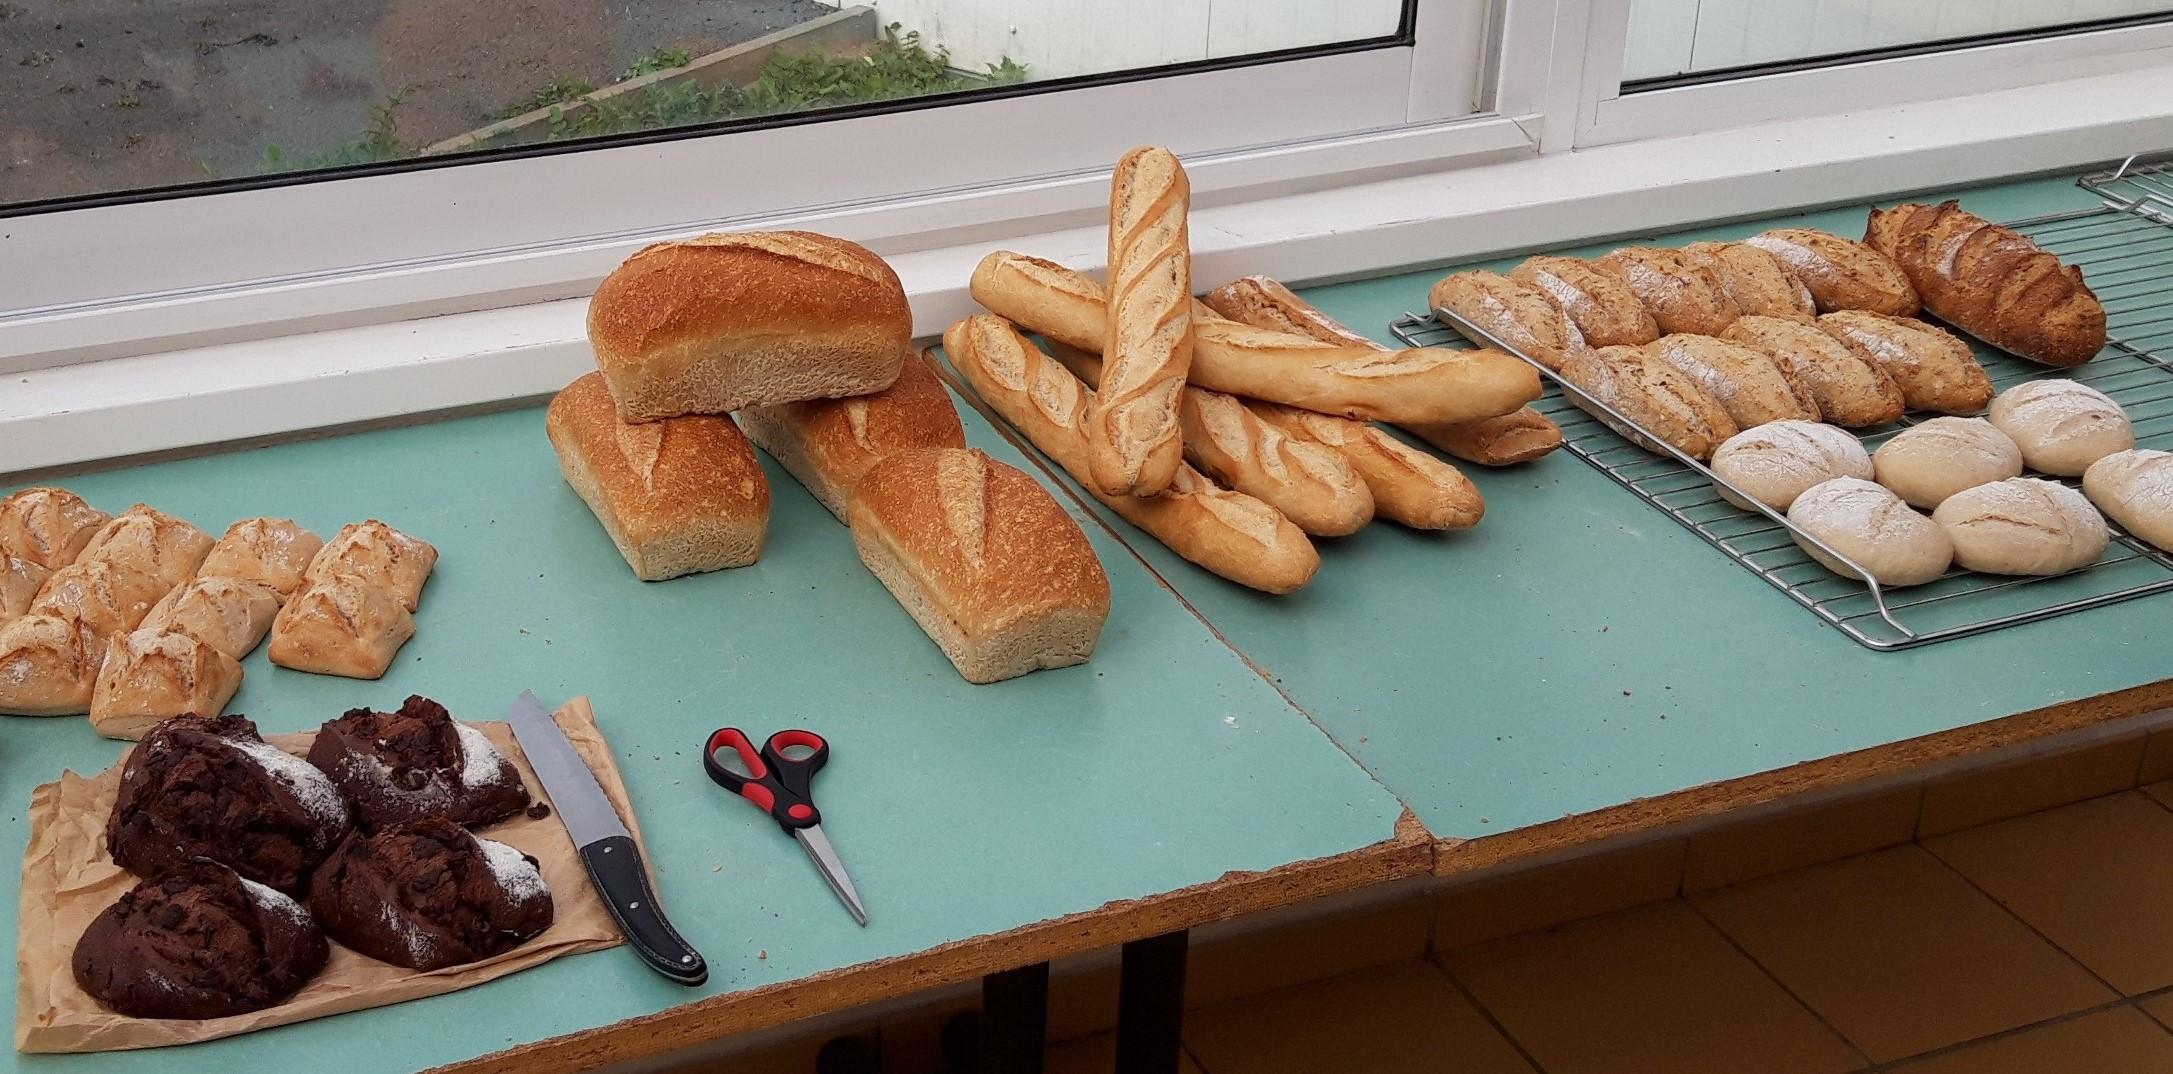 #CaritasTerrain – A Calais: le pain, le partage et les exilés